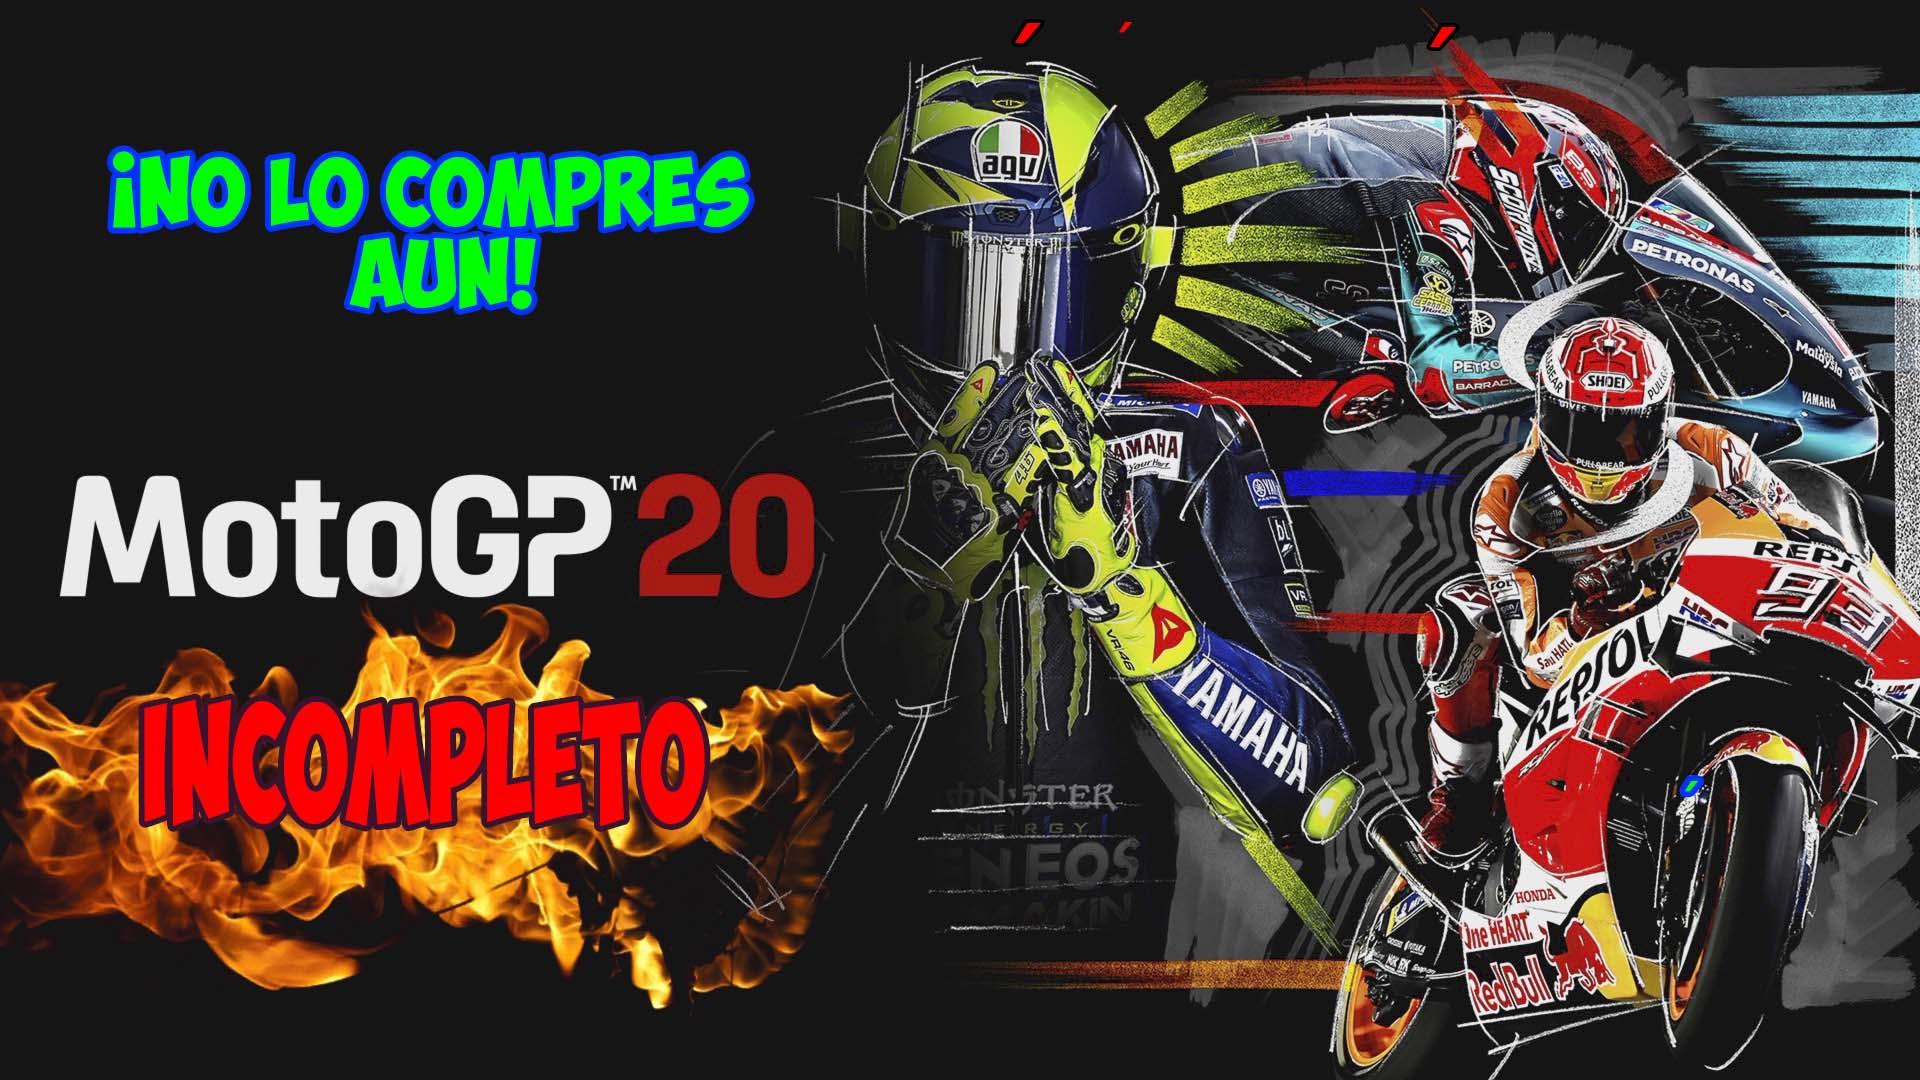 Enfadado con un MotoGP 20 incompleto